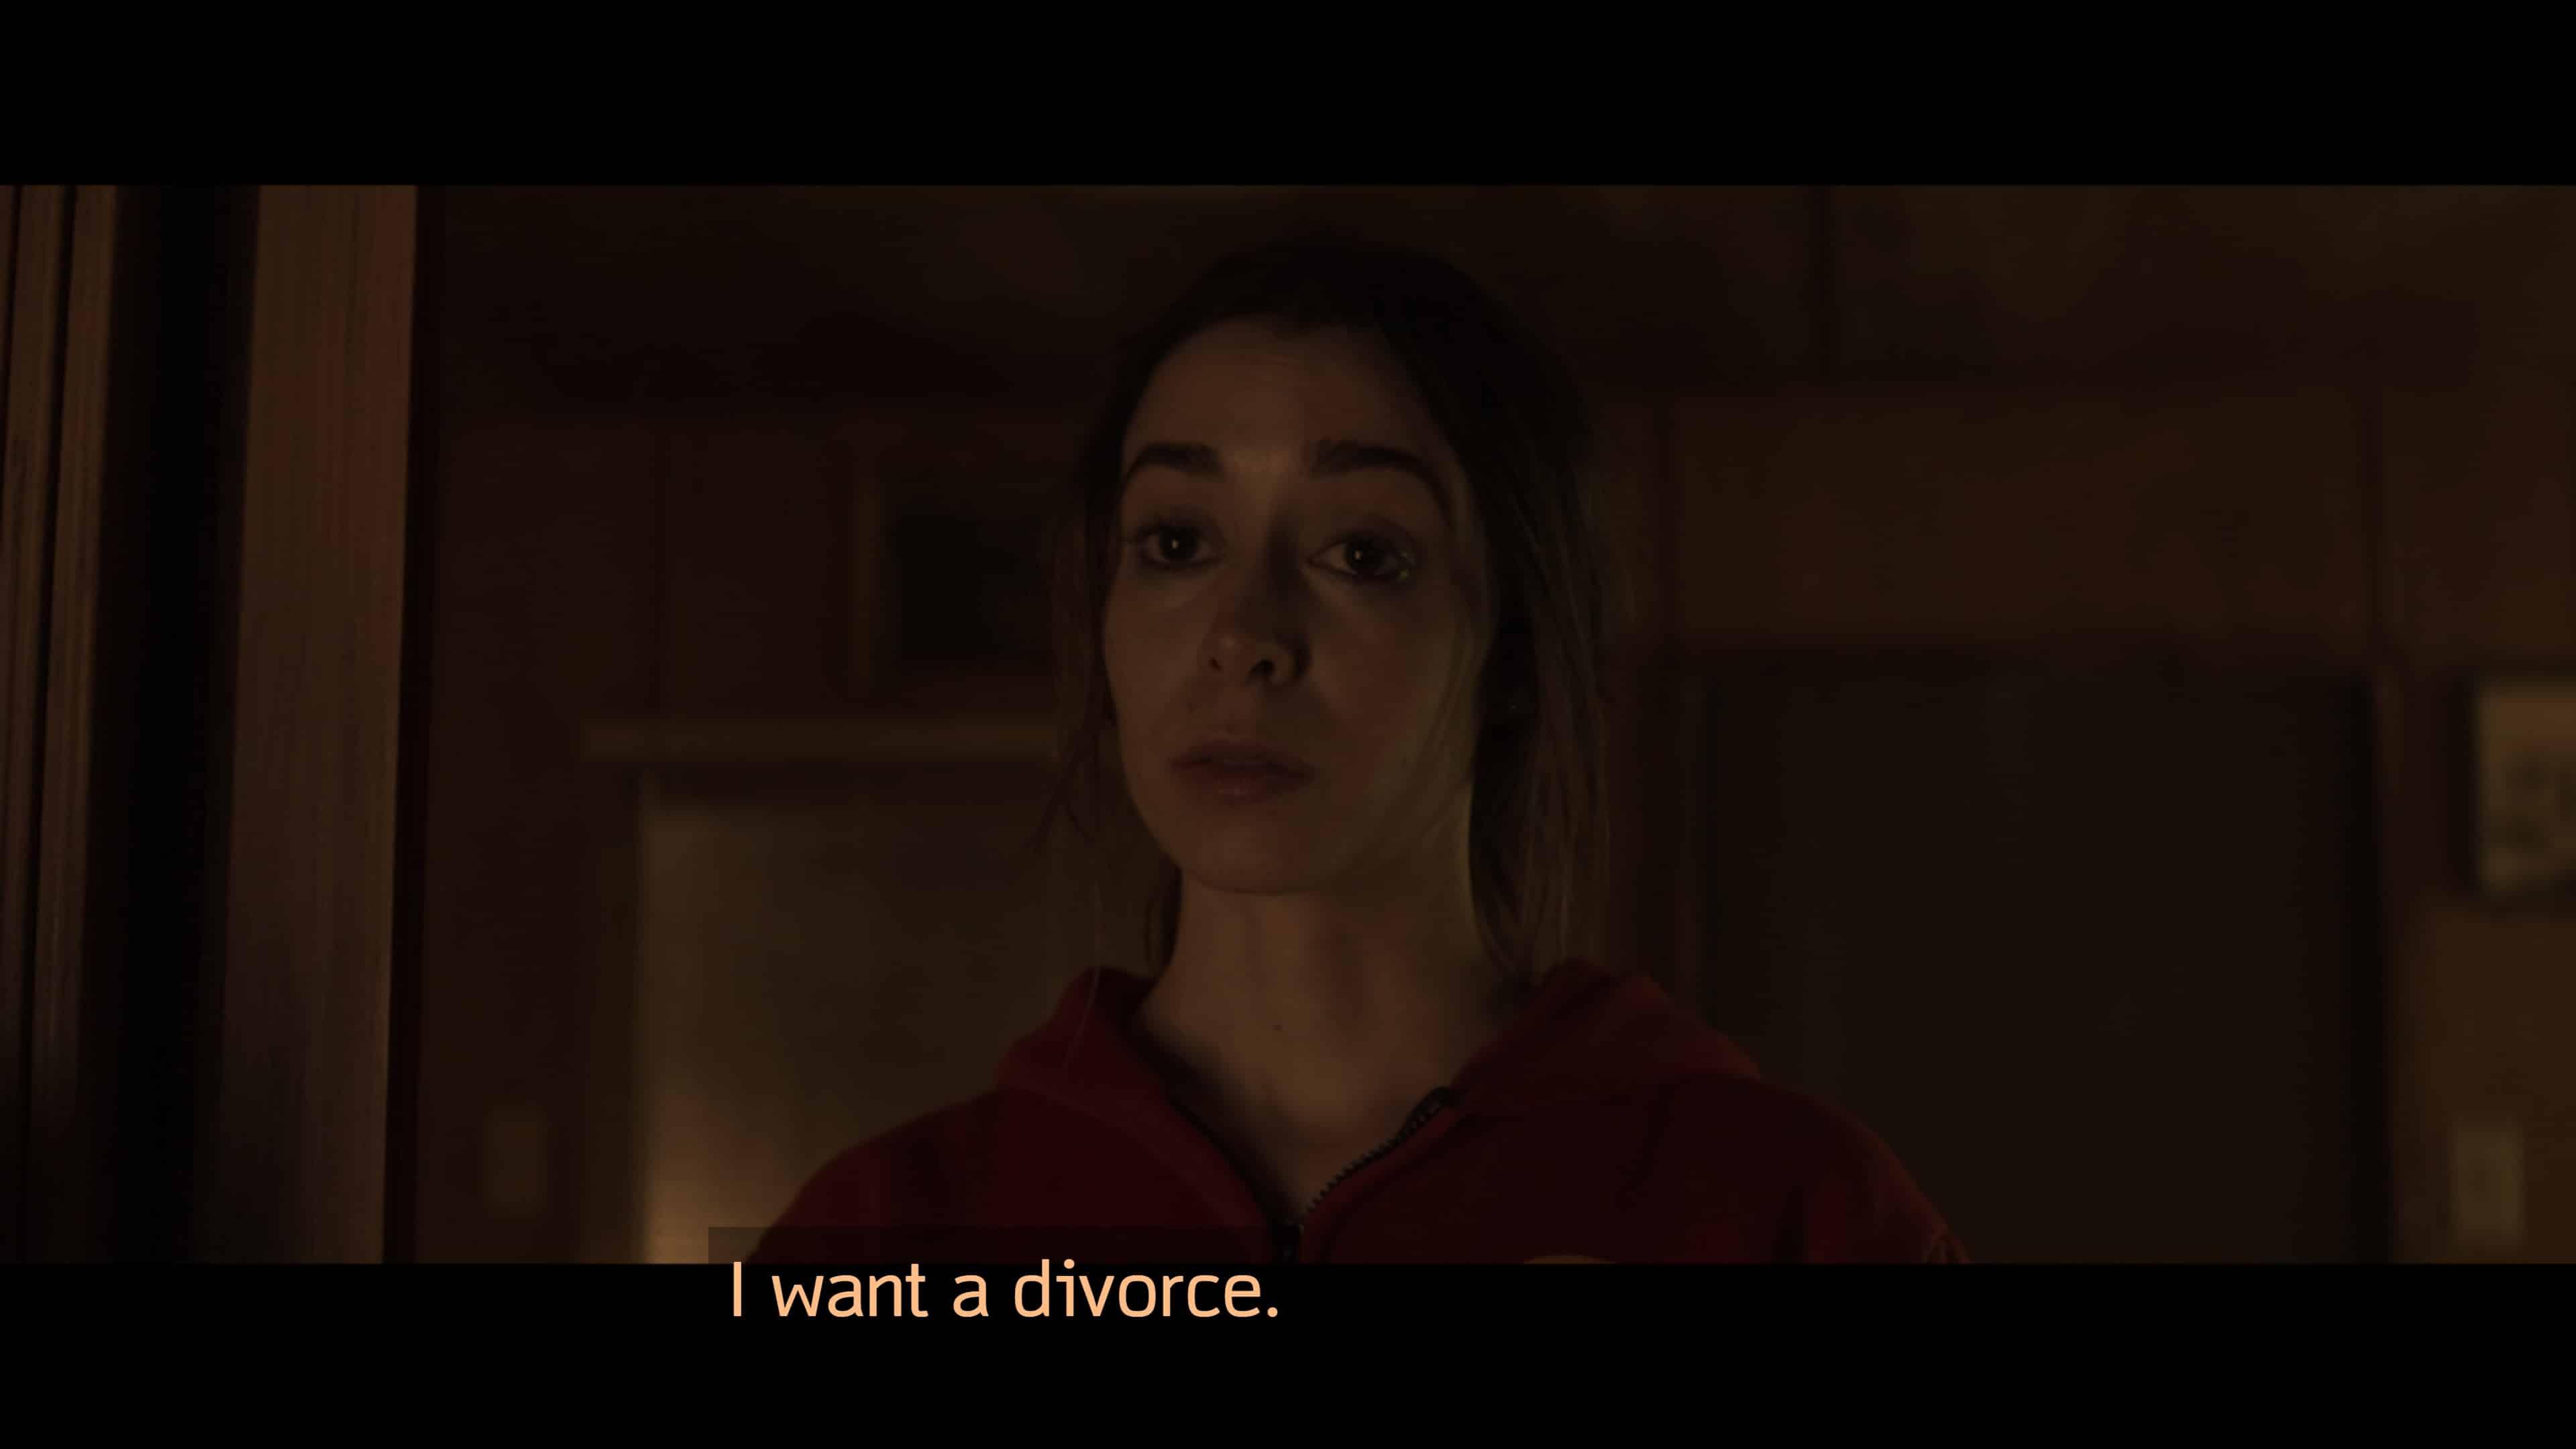 Hazel asking for a divorce